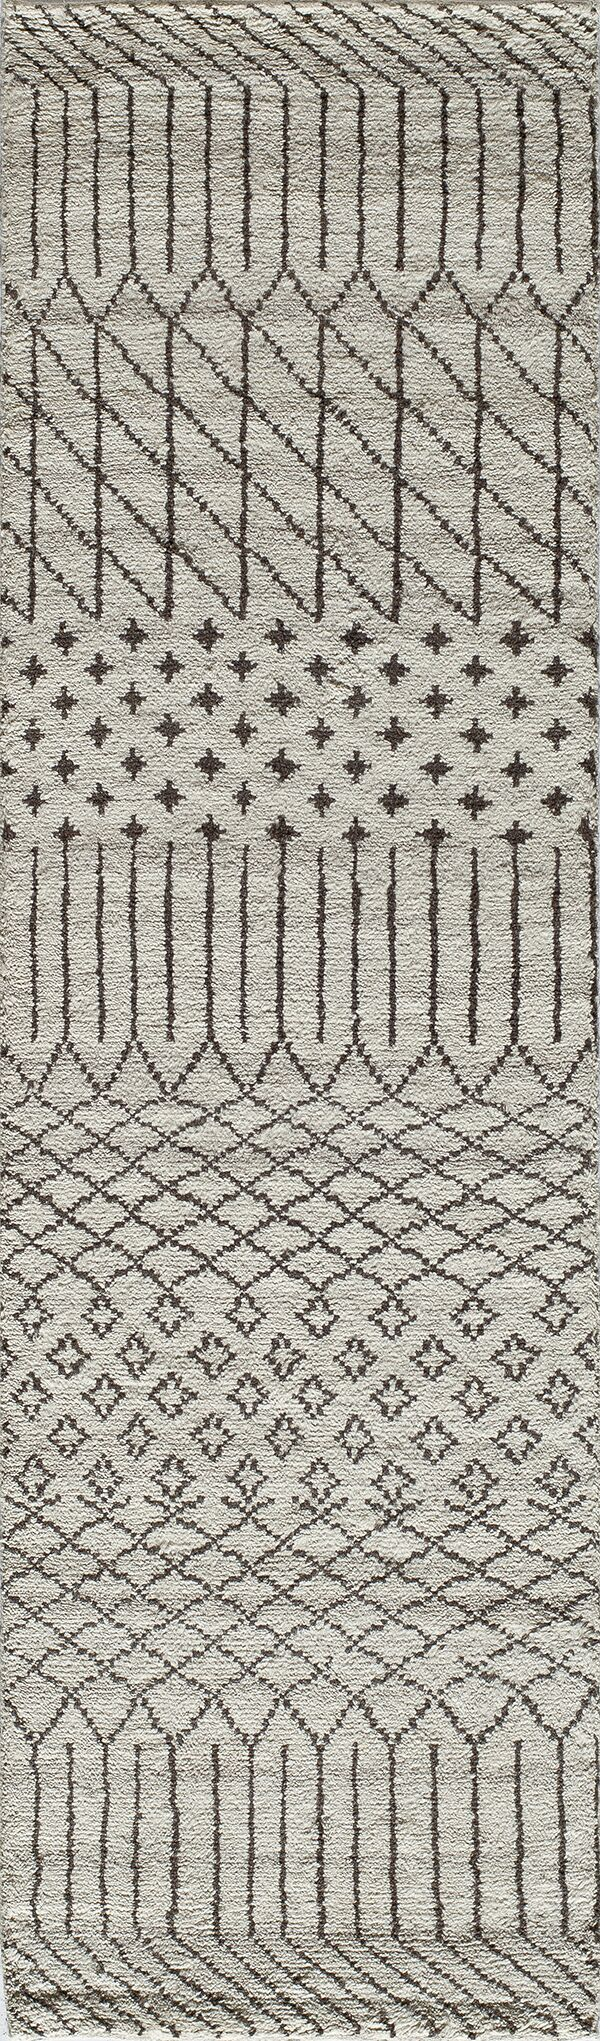 Dante Hand-Woven Gray/Cream Area Rug Rug Size: Rectangle 3'6